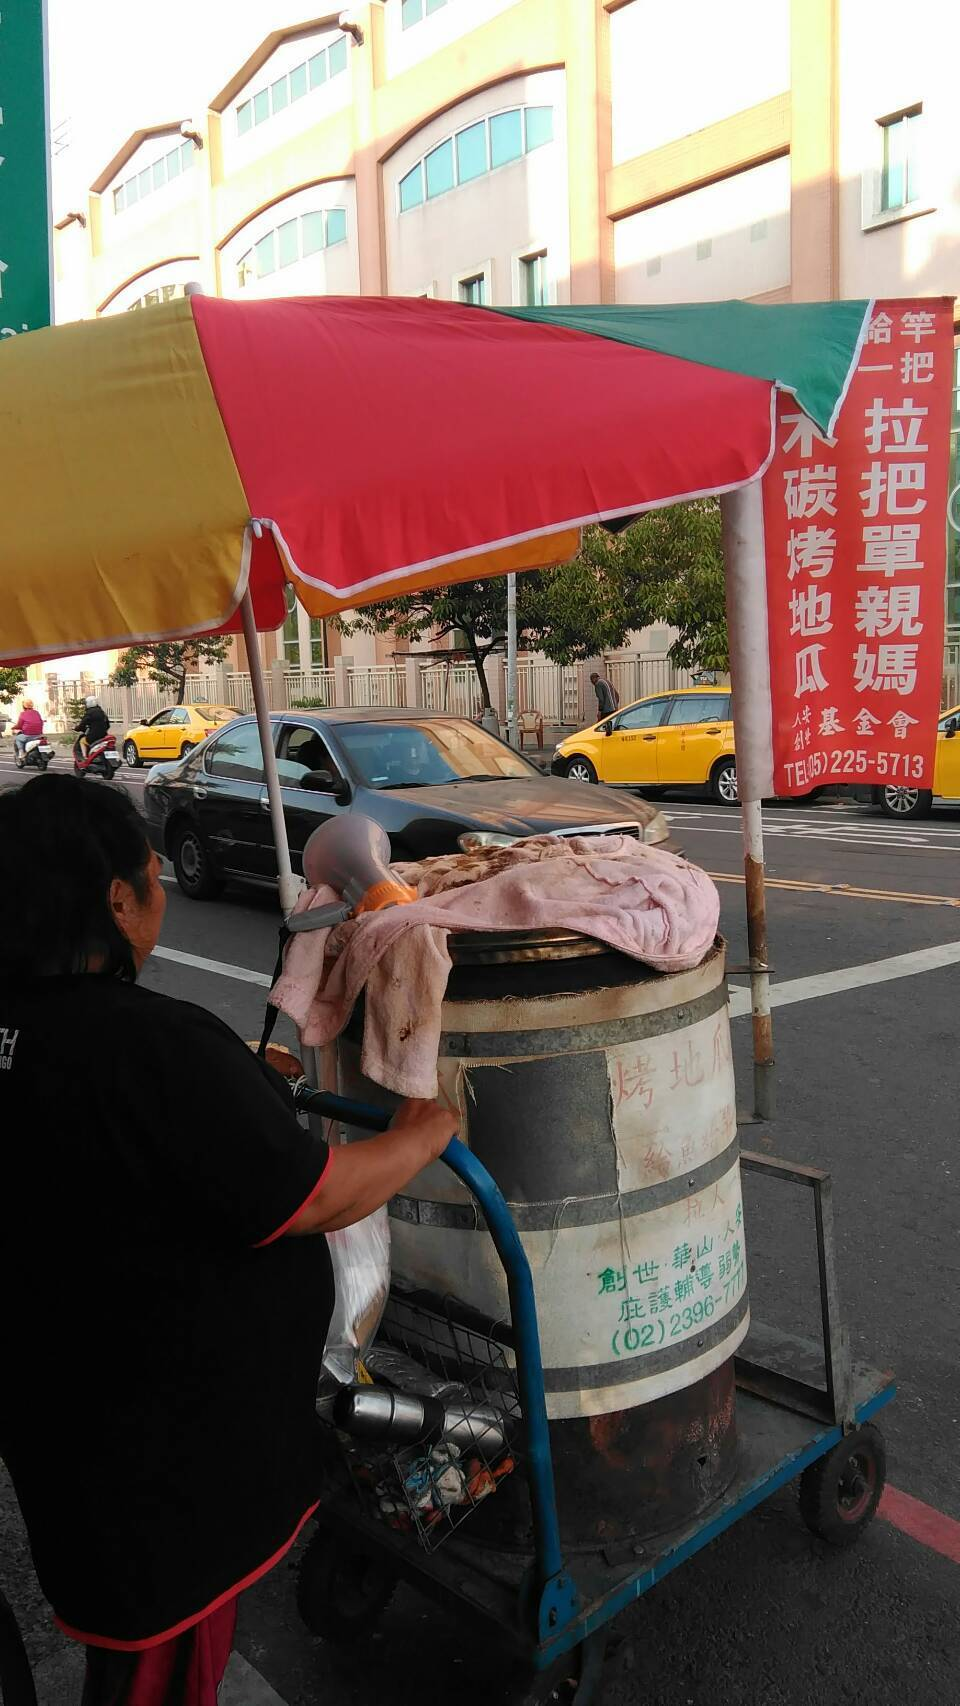 從泰國嫁至台灣的雷姓婦人,離婚後獨自扶養幼子,人安基金會協助她賣烤地瓜謀生,每天...